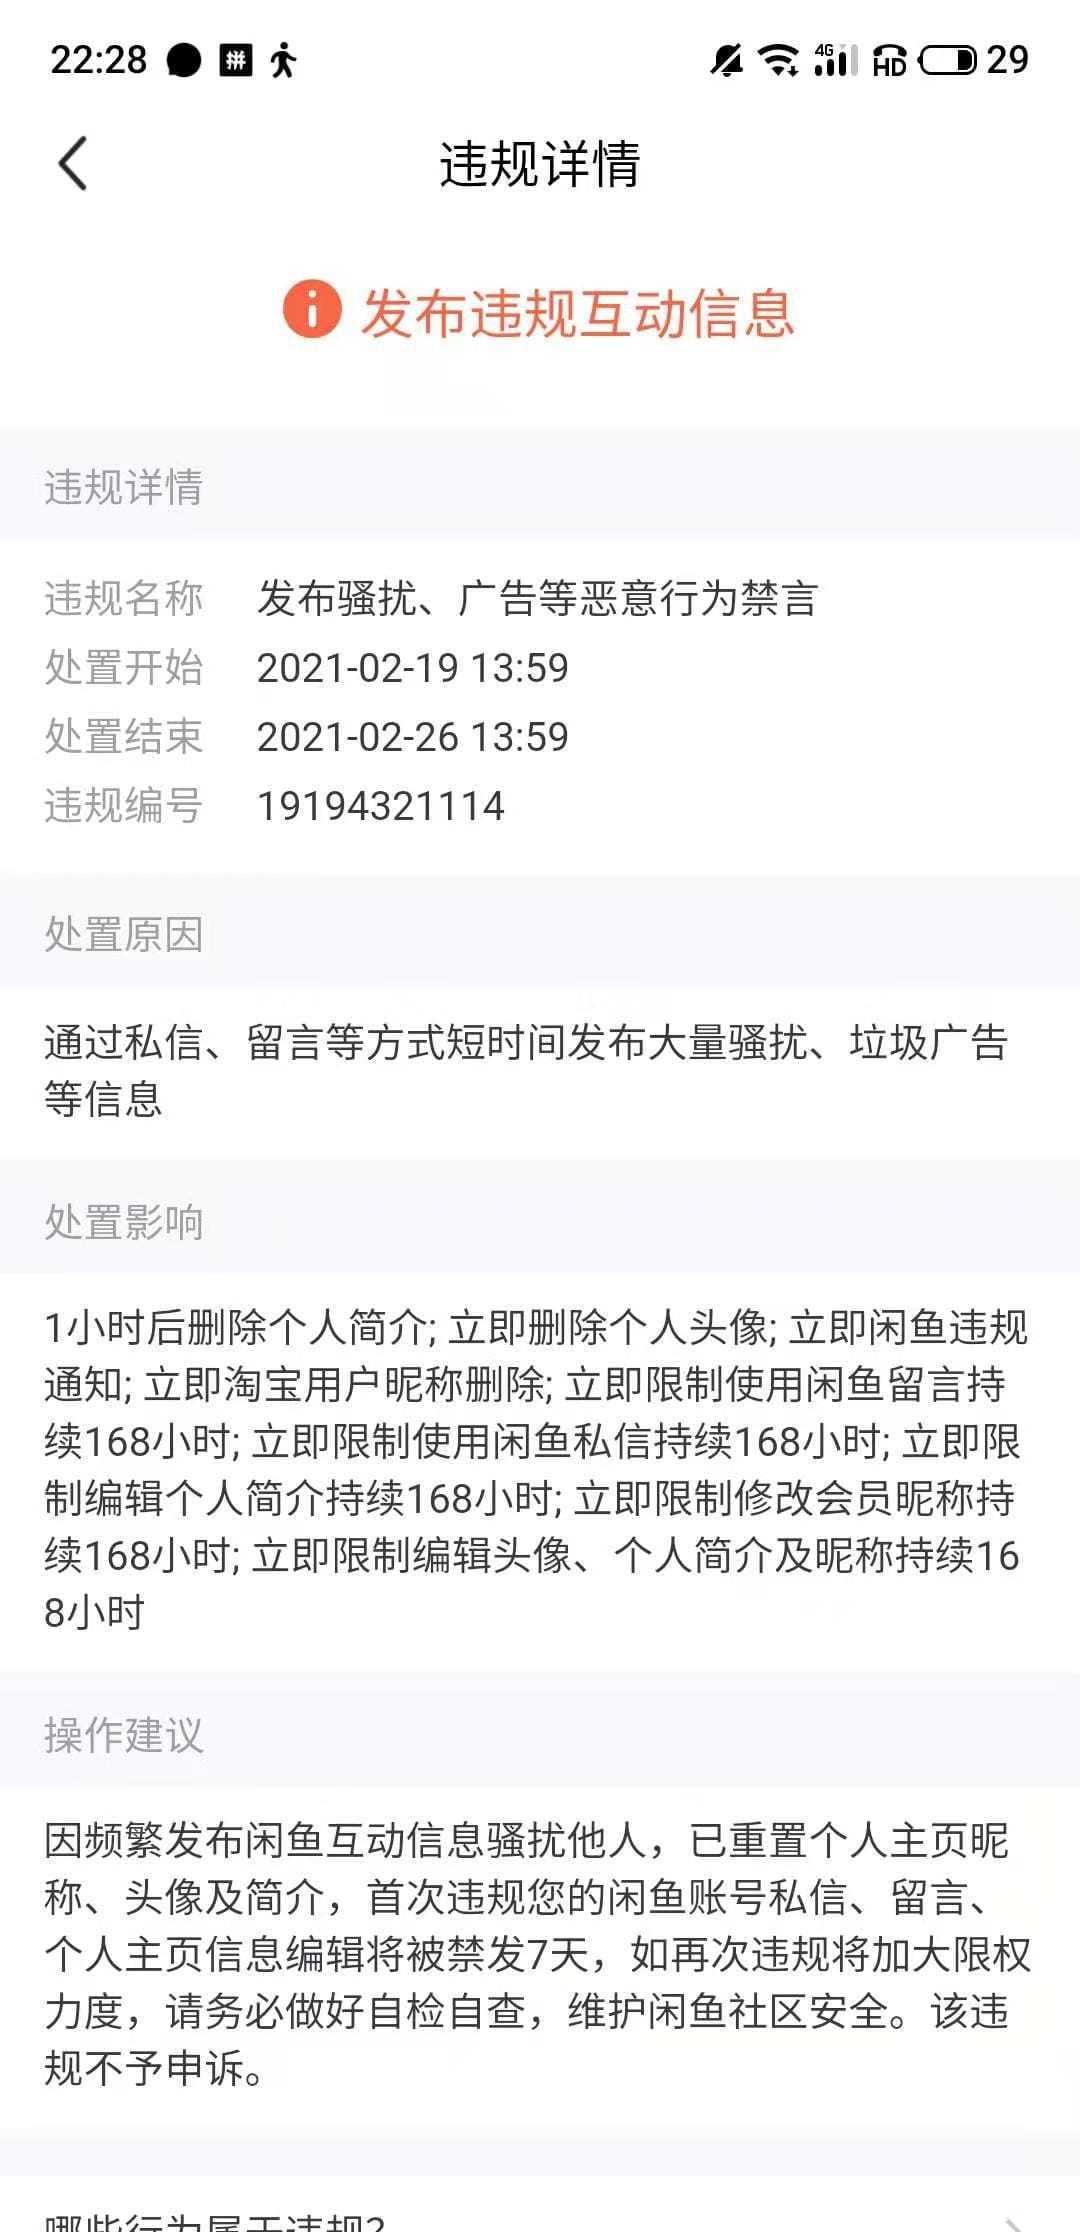 闲鱼控助手关键词自动回复,如何设置避免禁言违规?